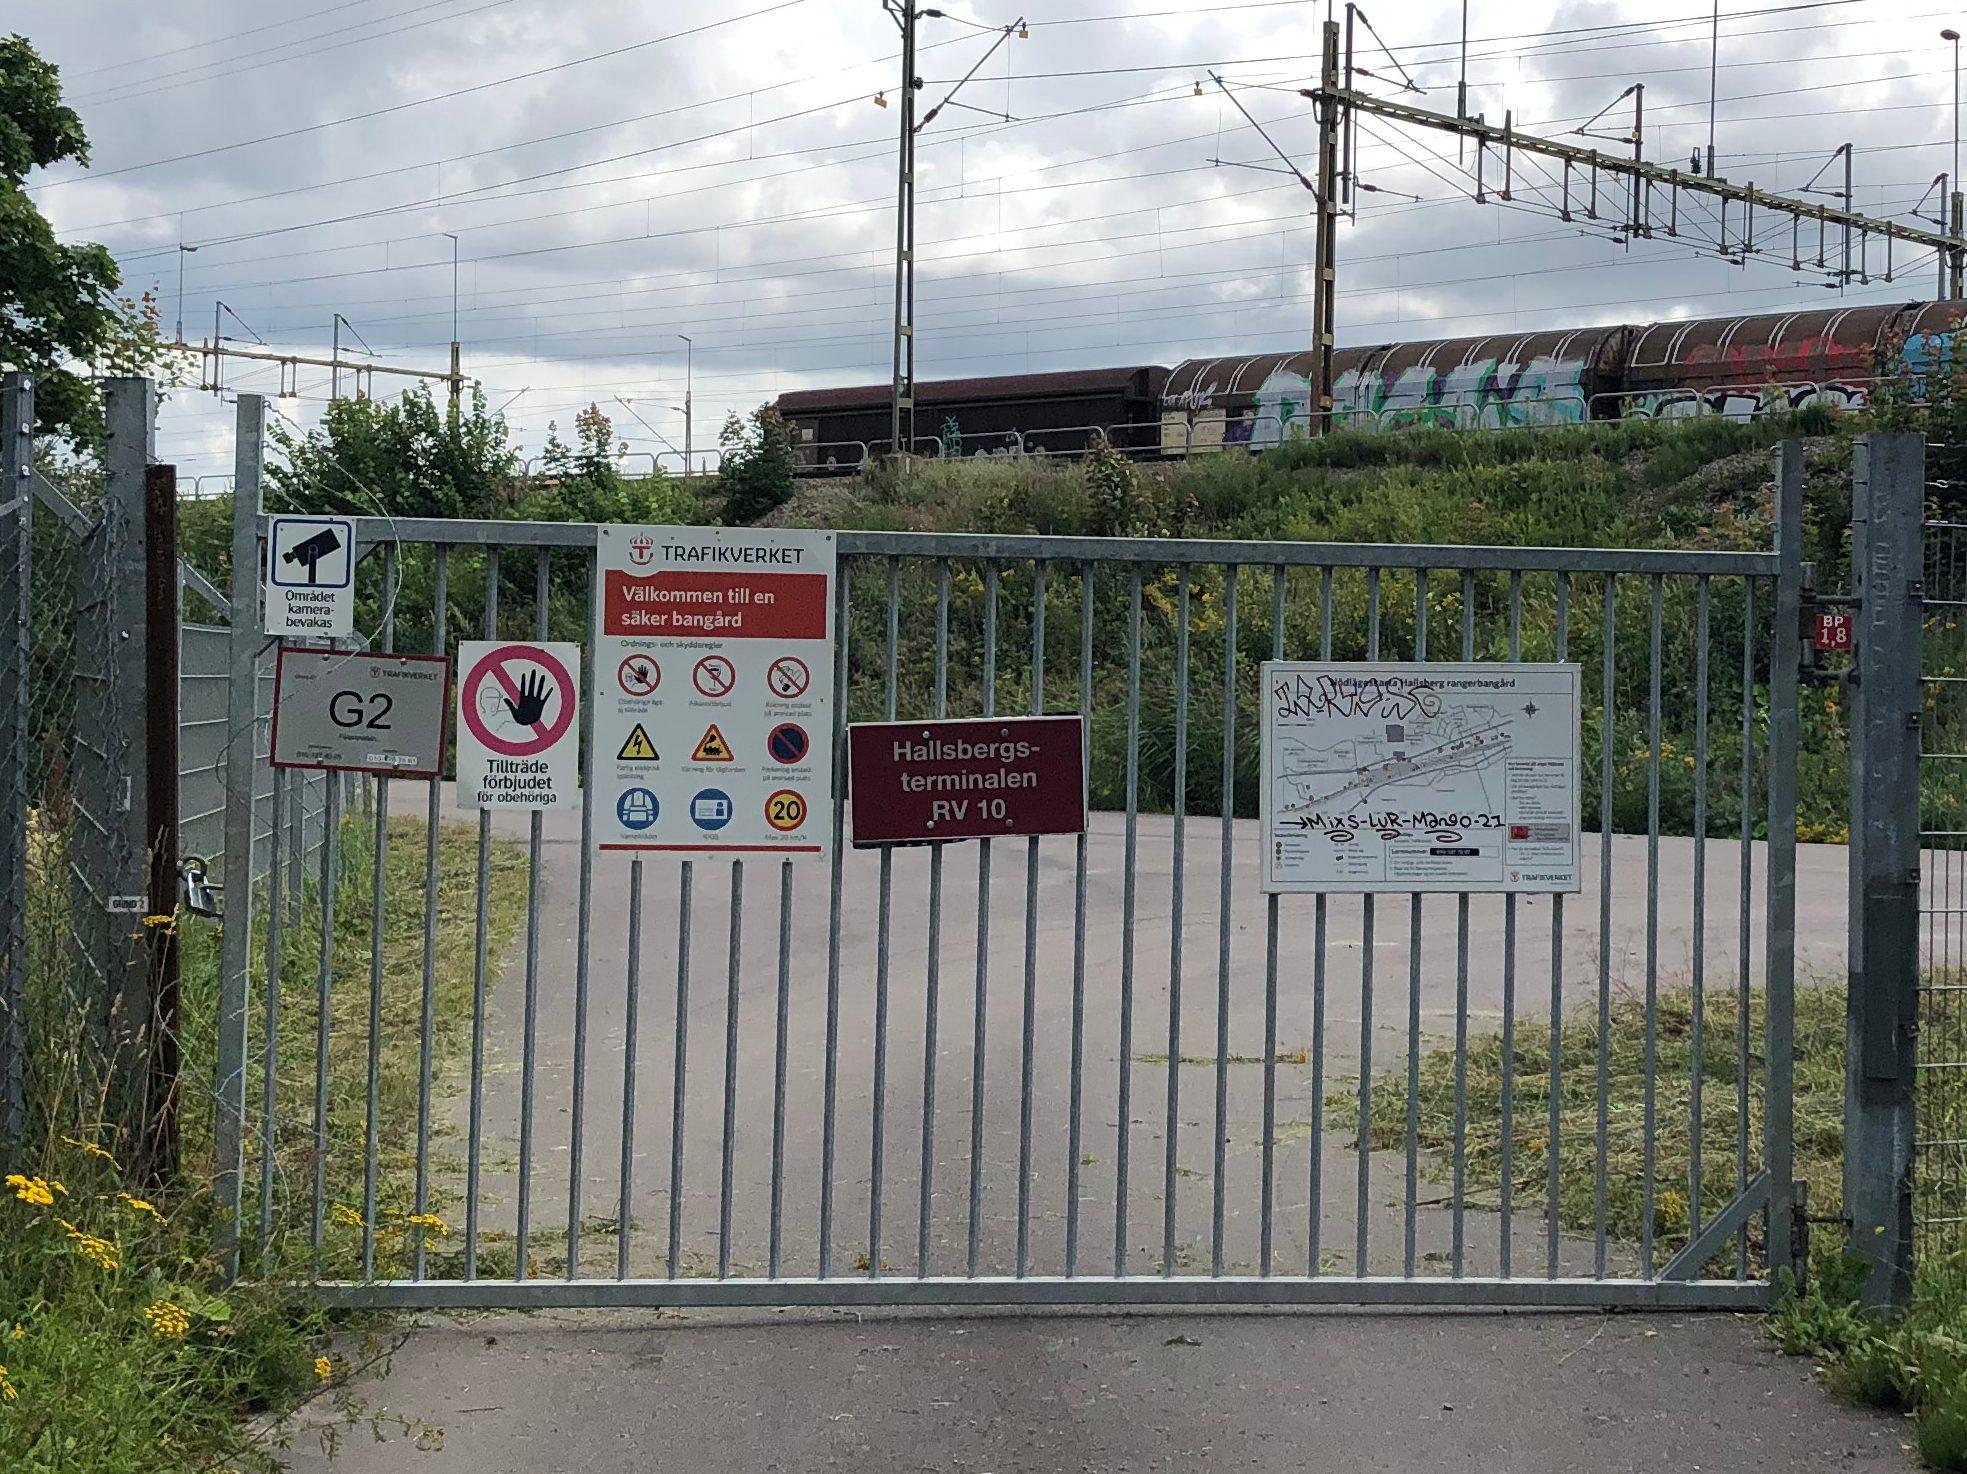 Avspärrad väg in till banområdet i Hallsberg.